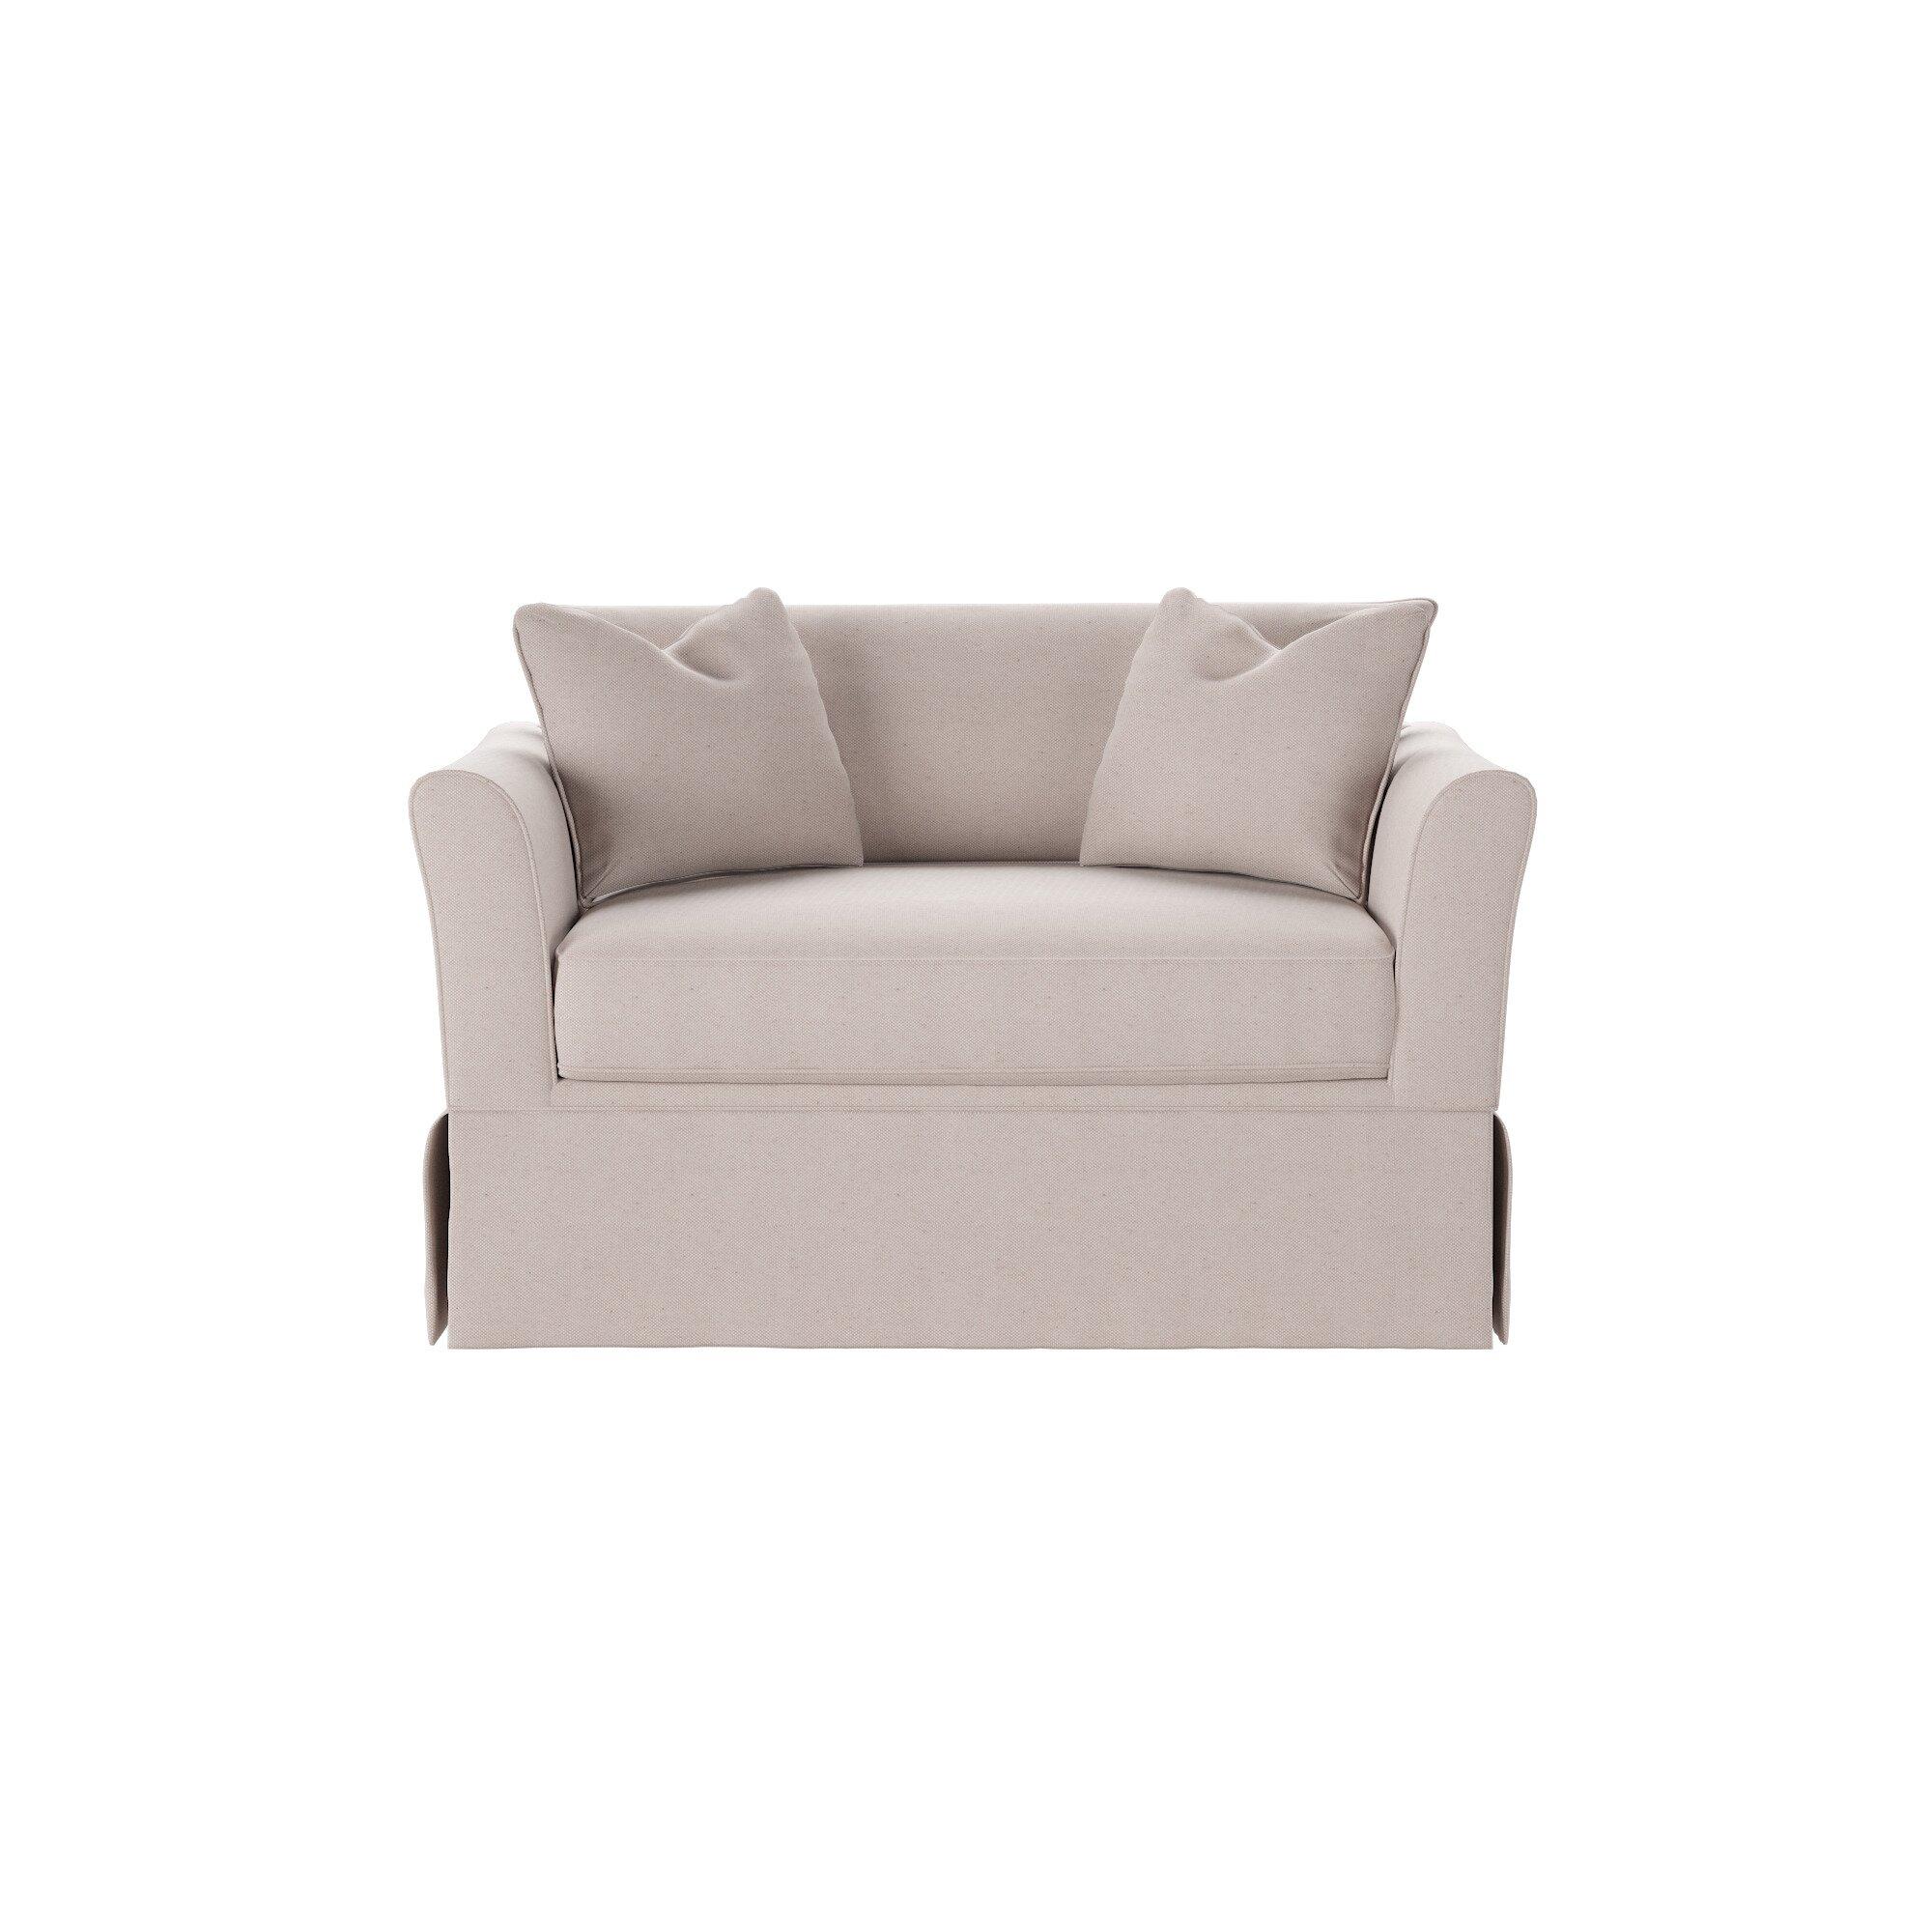 Wayfair Custom Upholstery Shelby Chair And A Half